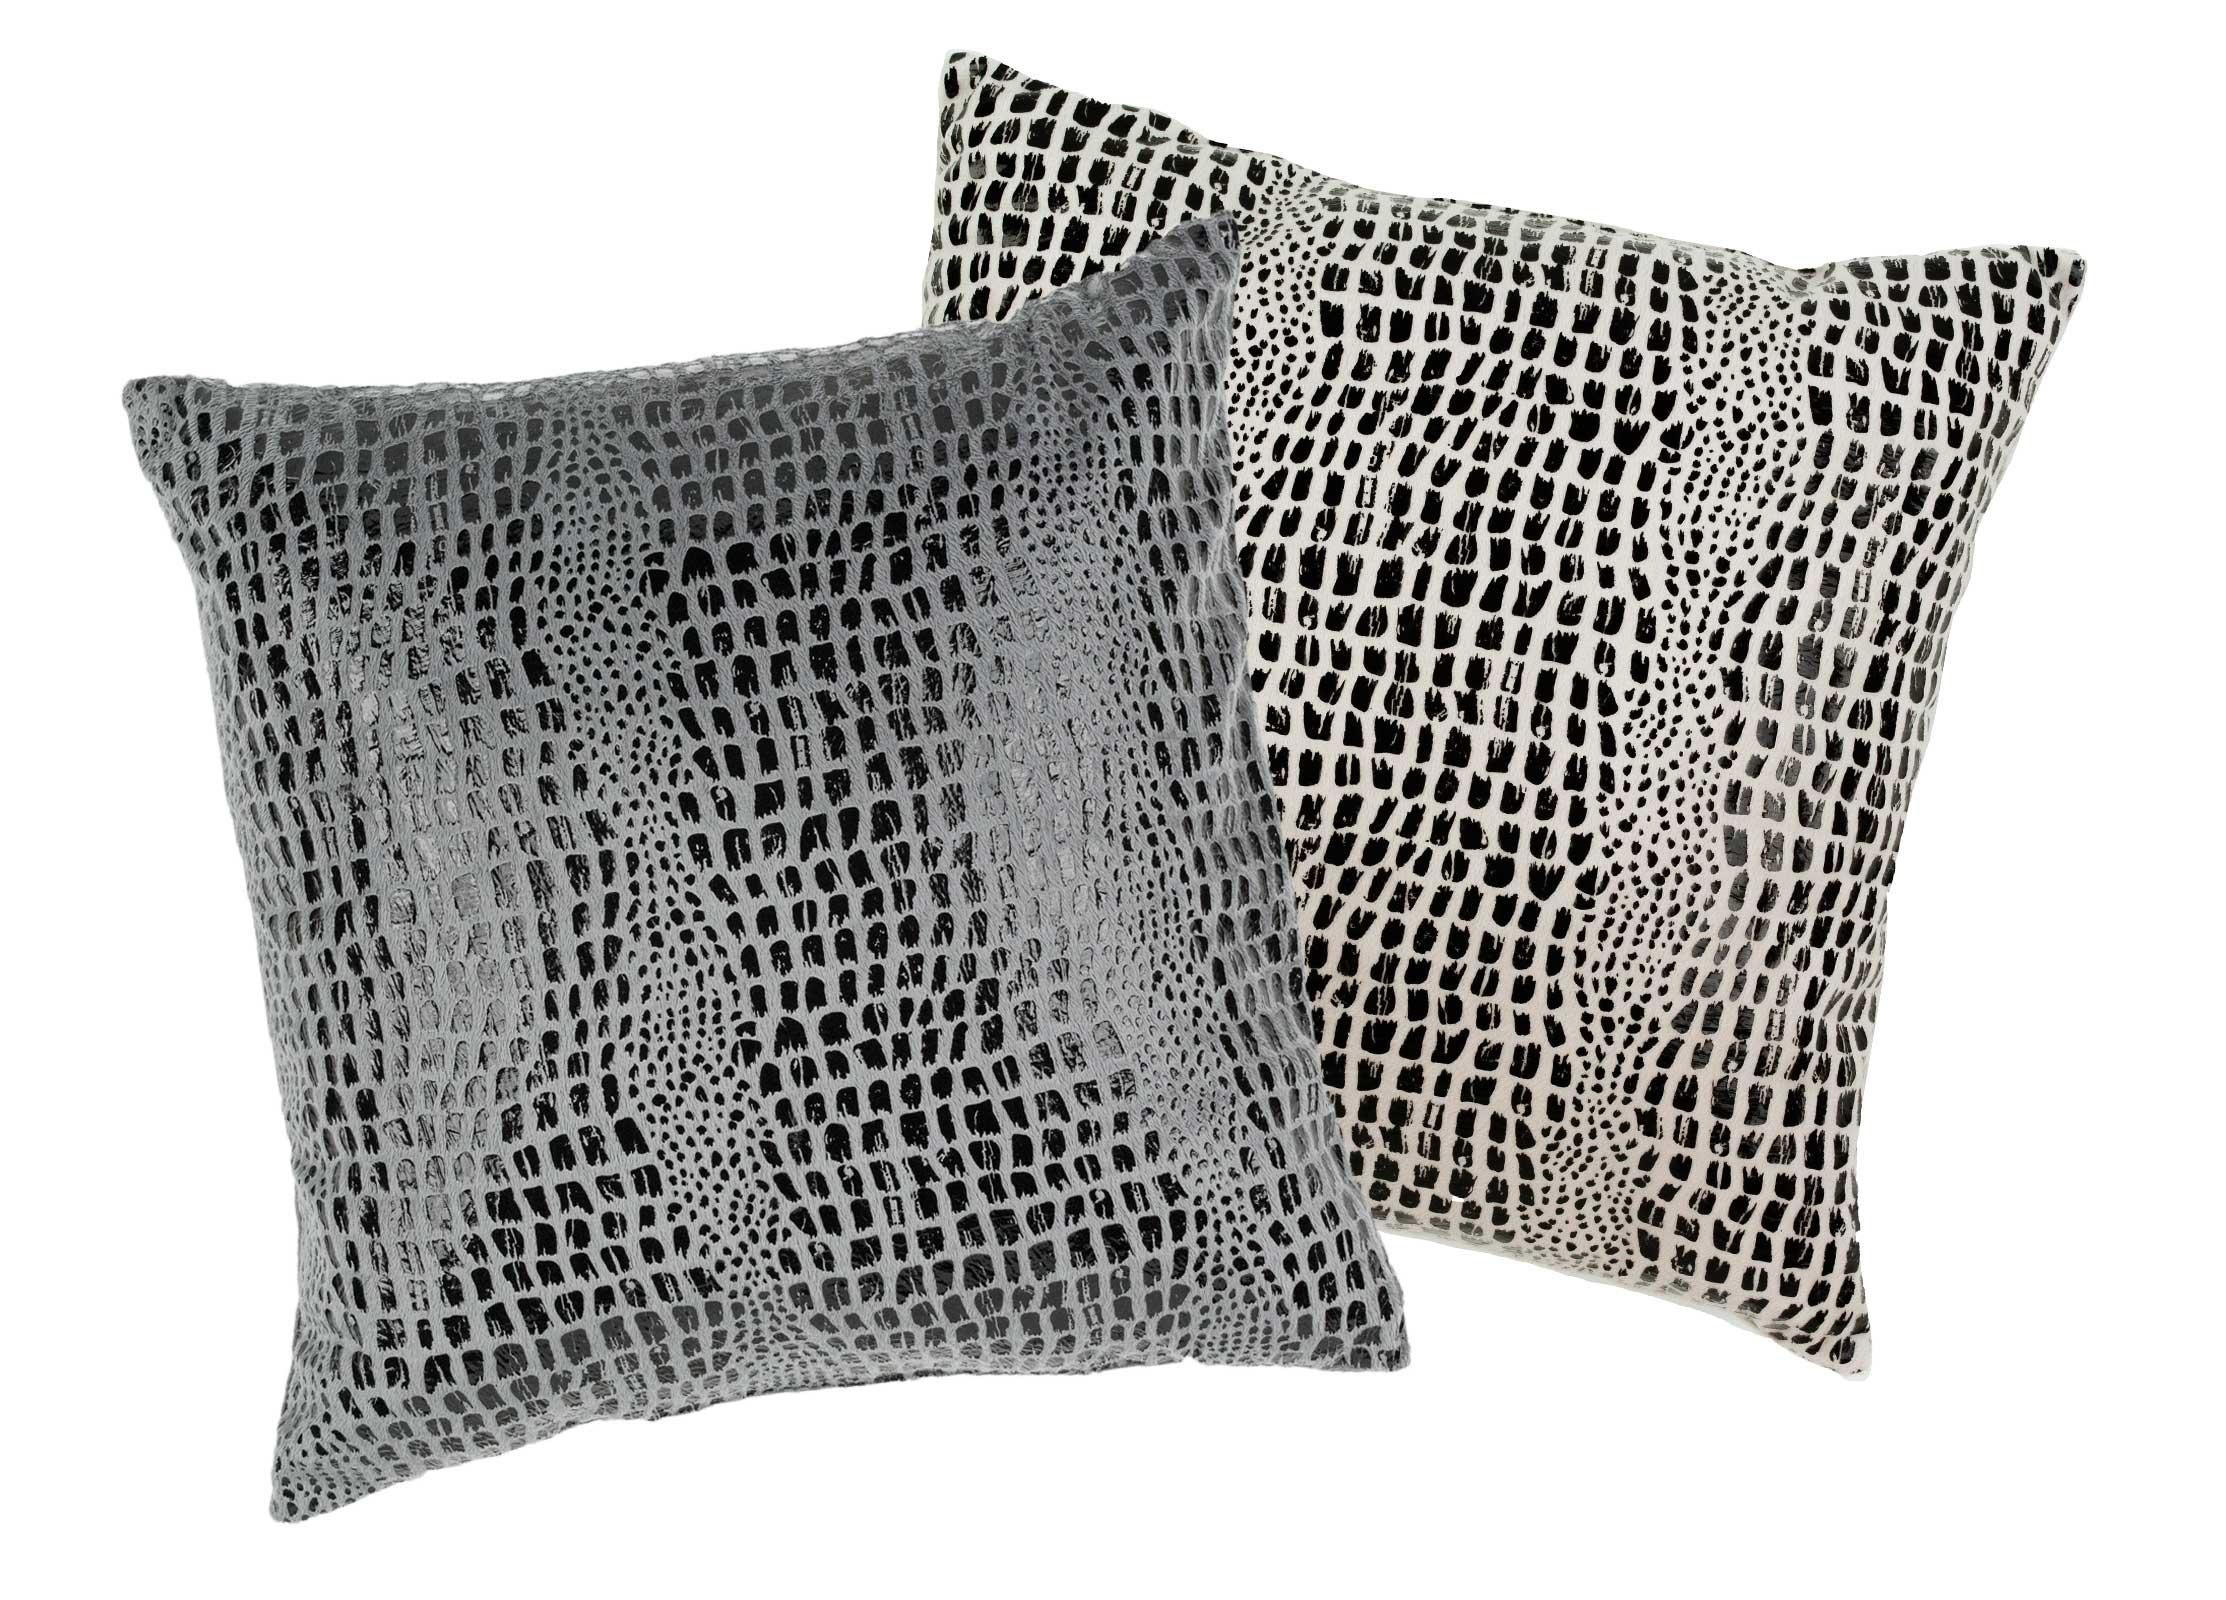 Wohndecken und Kissen - Dekokissen Kuschelkissen Modus Animal Print 45x45  - Onlineshop PremiumShop321